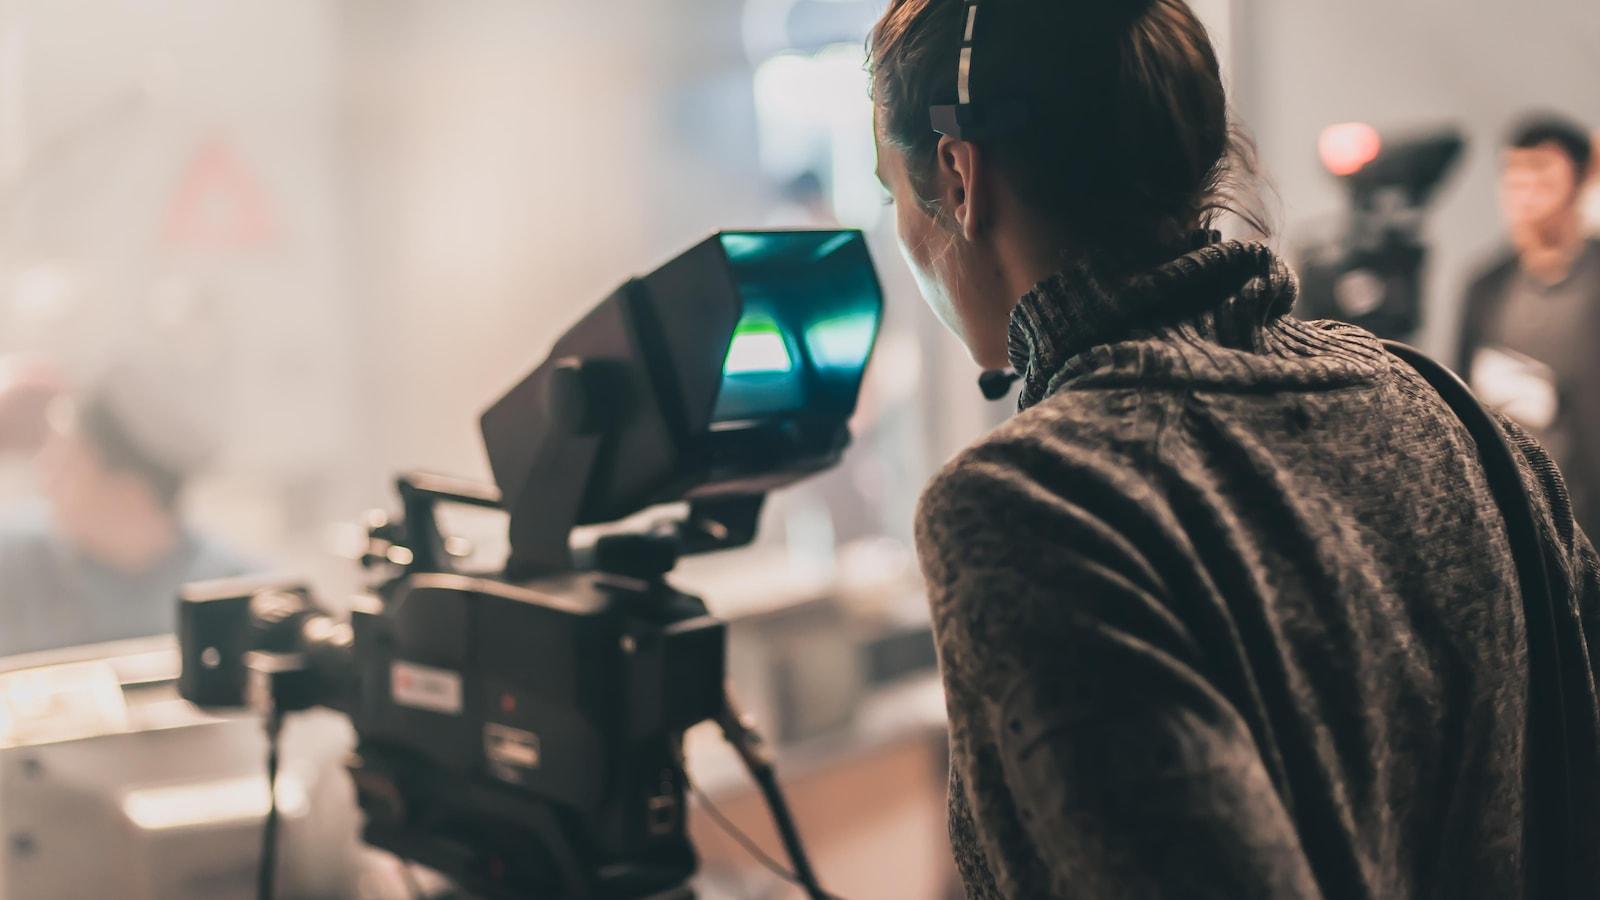 Une femme se tient derrière une caméra.